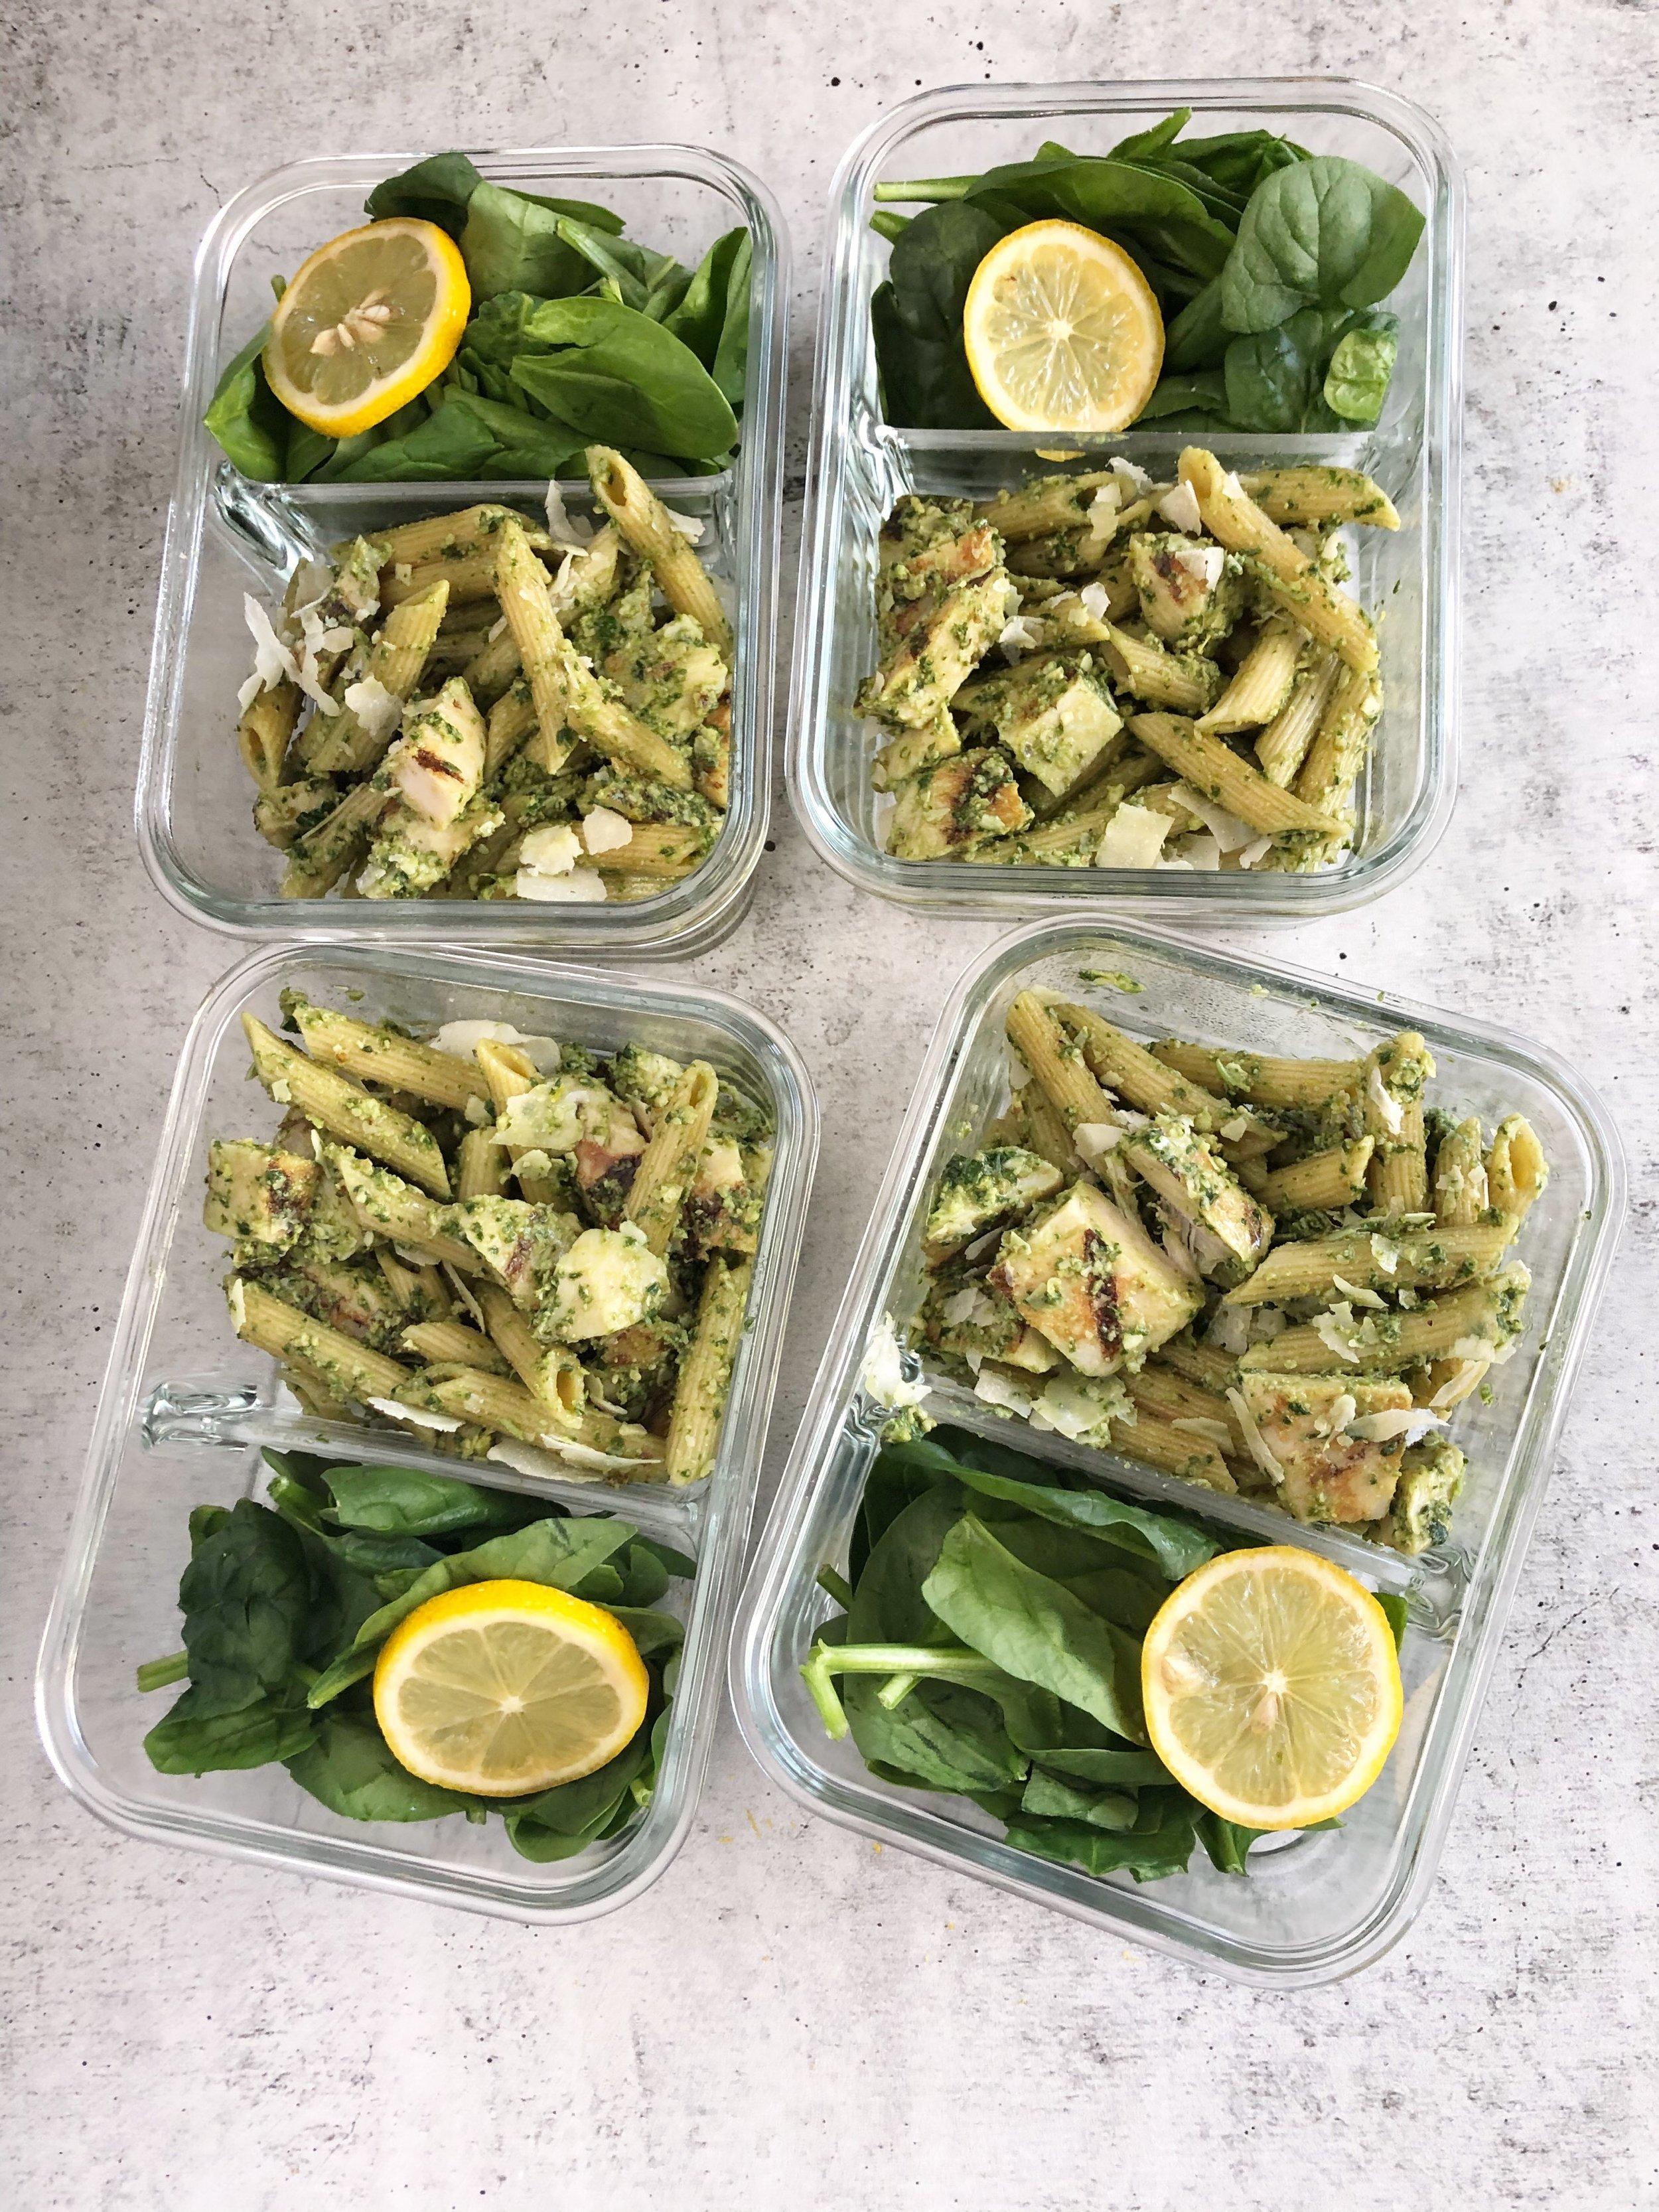 Lemon basil pesto meal prep, pasta meal prep 3